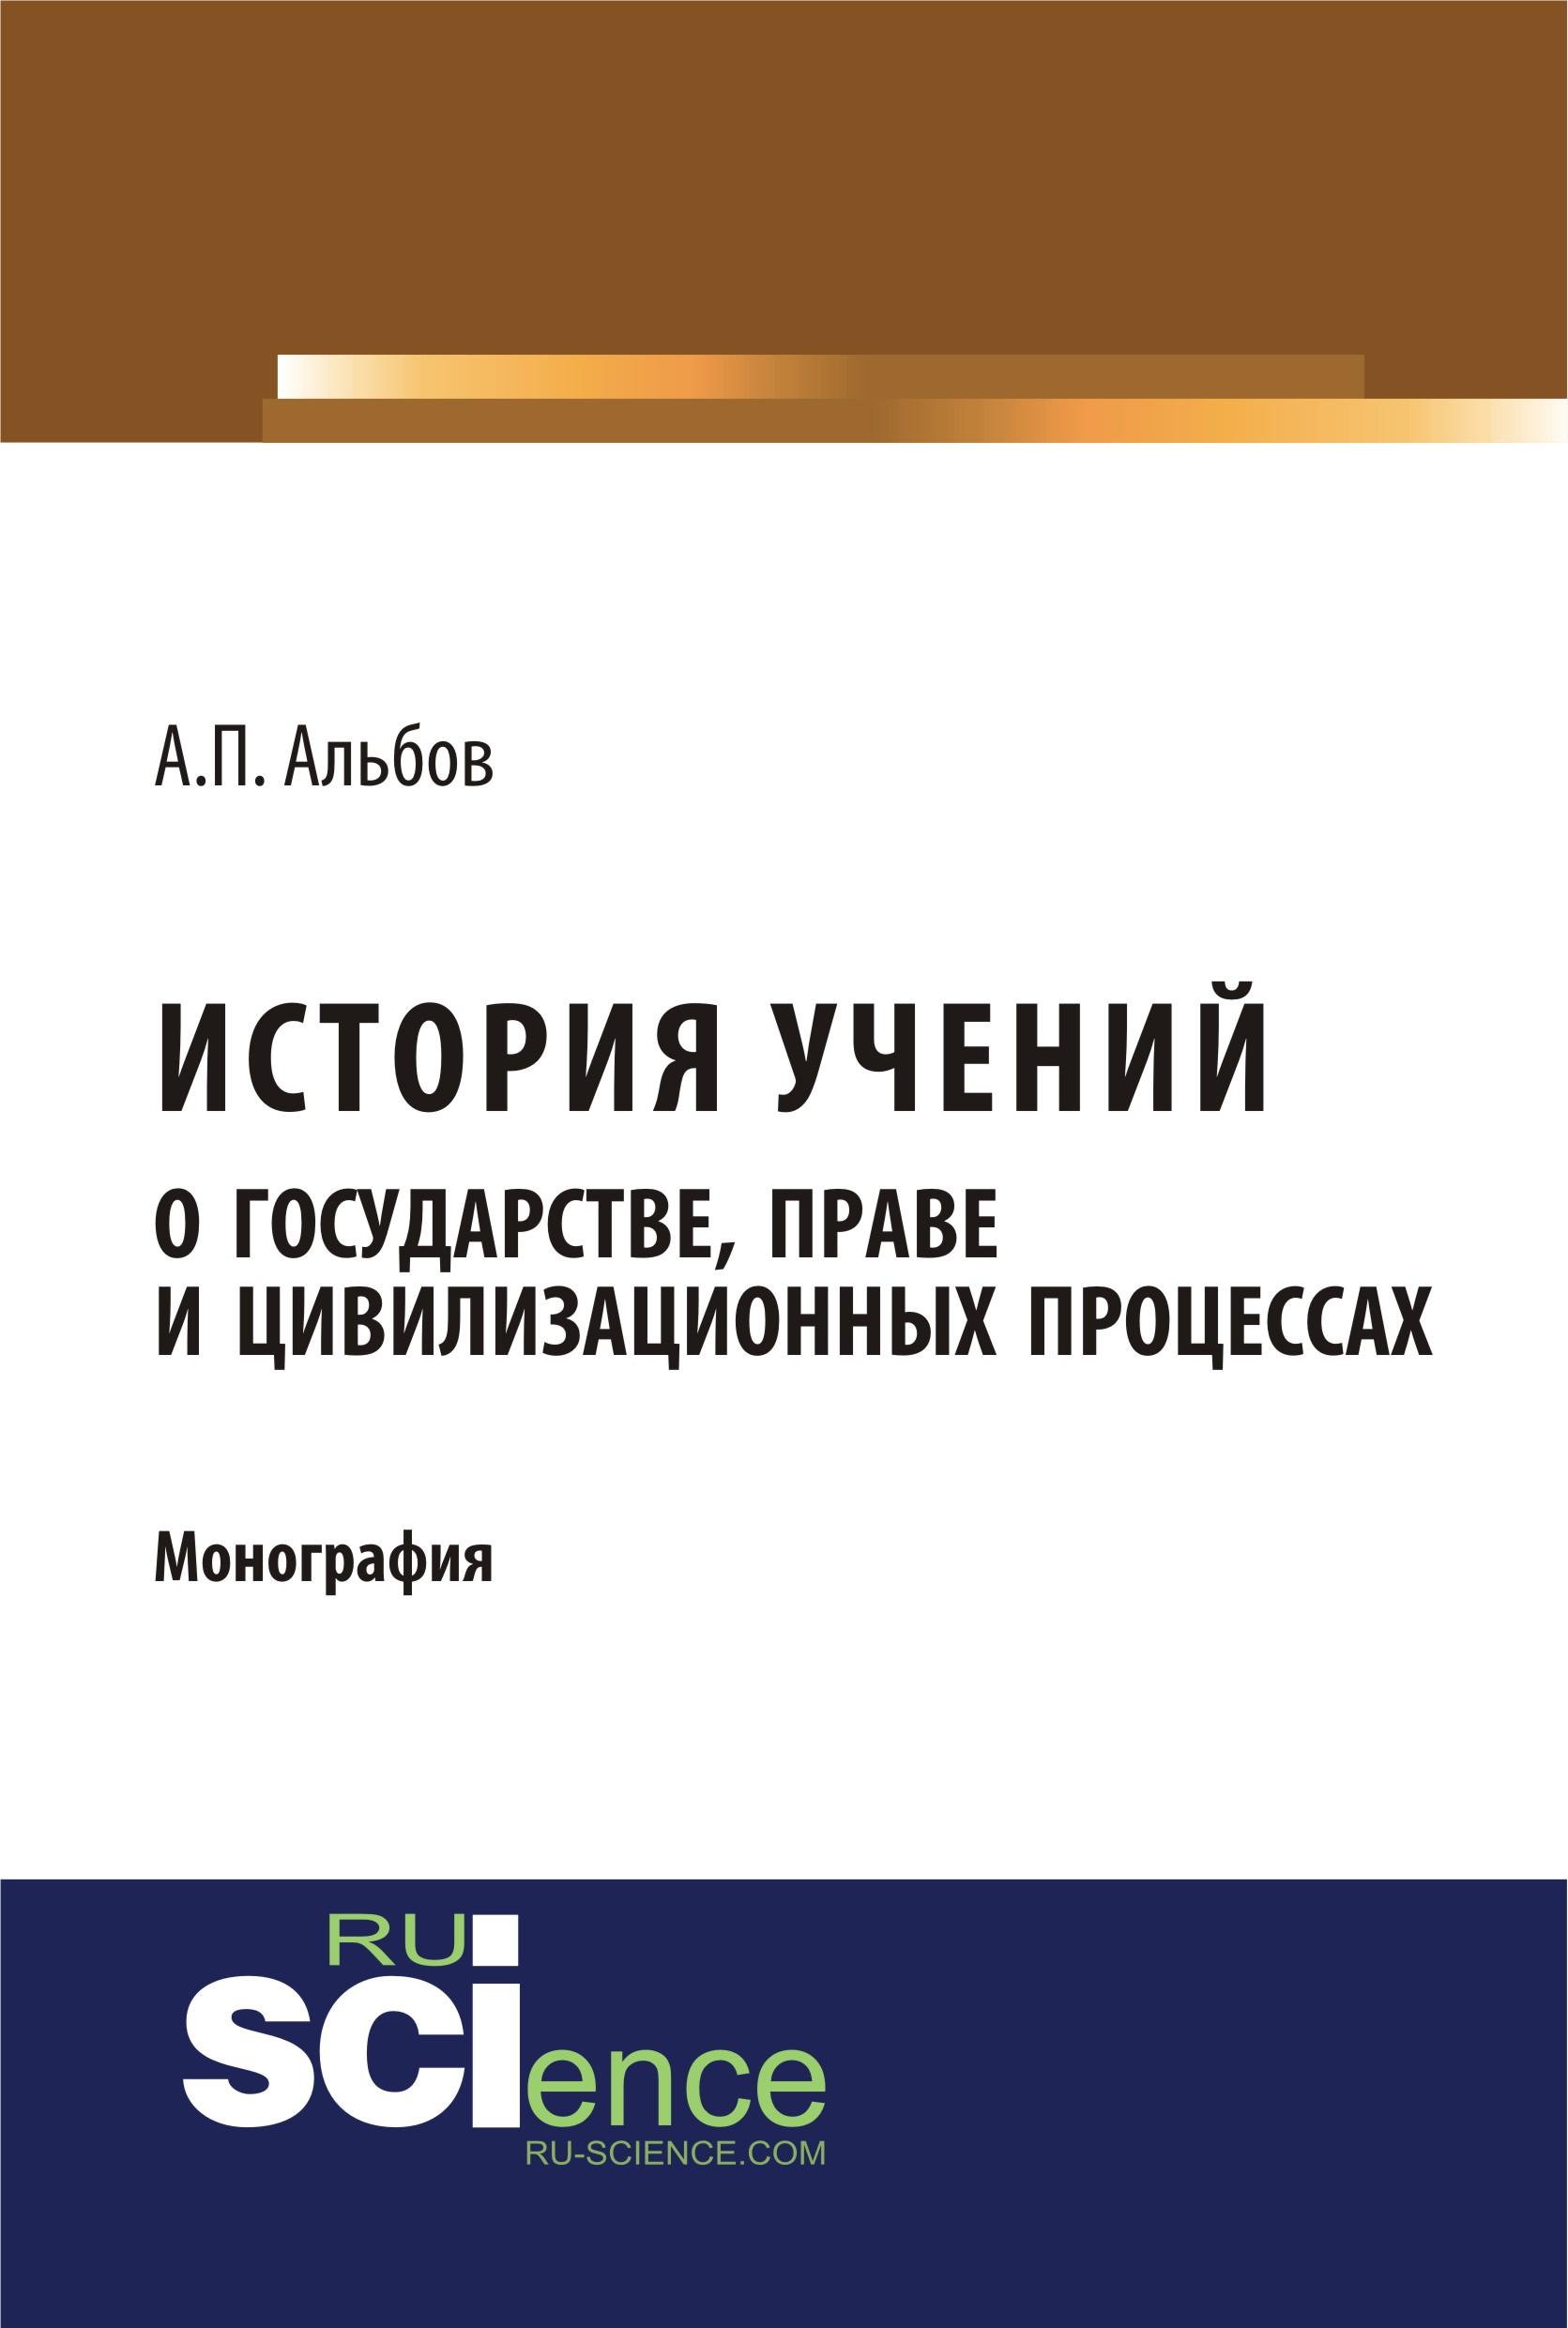 История учений о государстве, праве и цивилизационных процессах